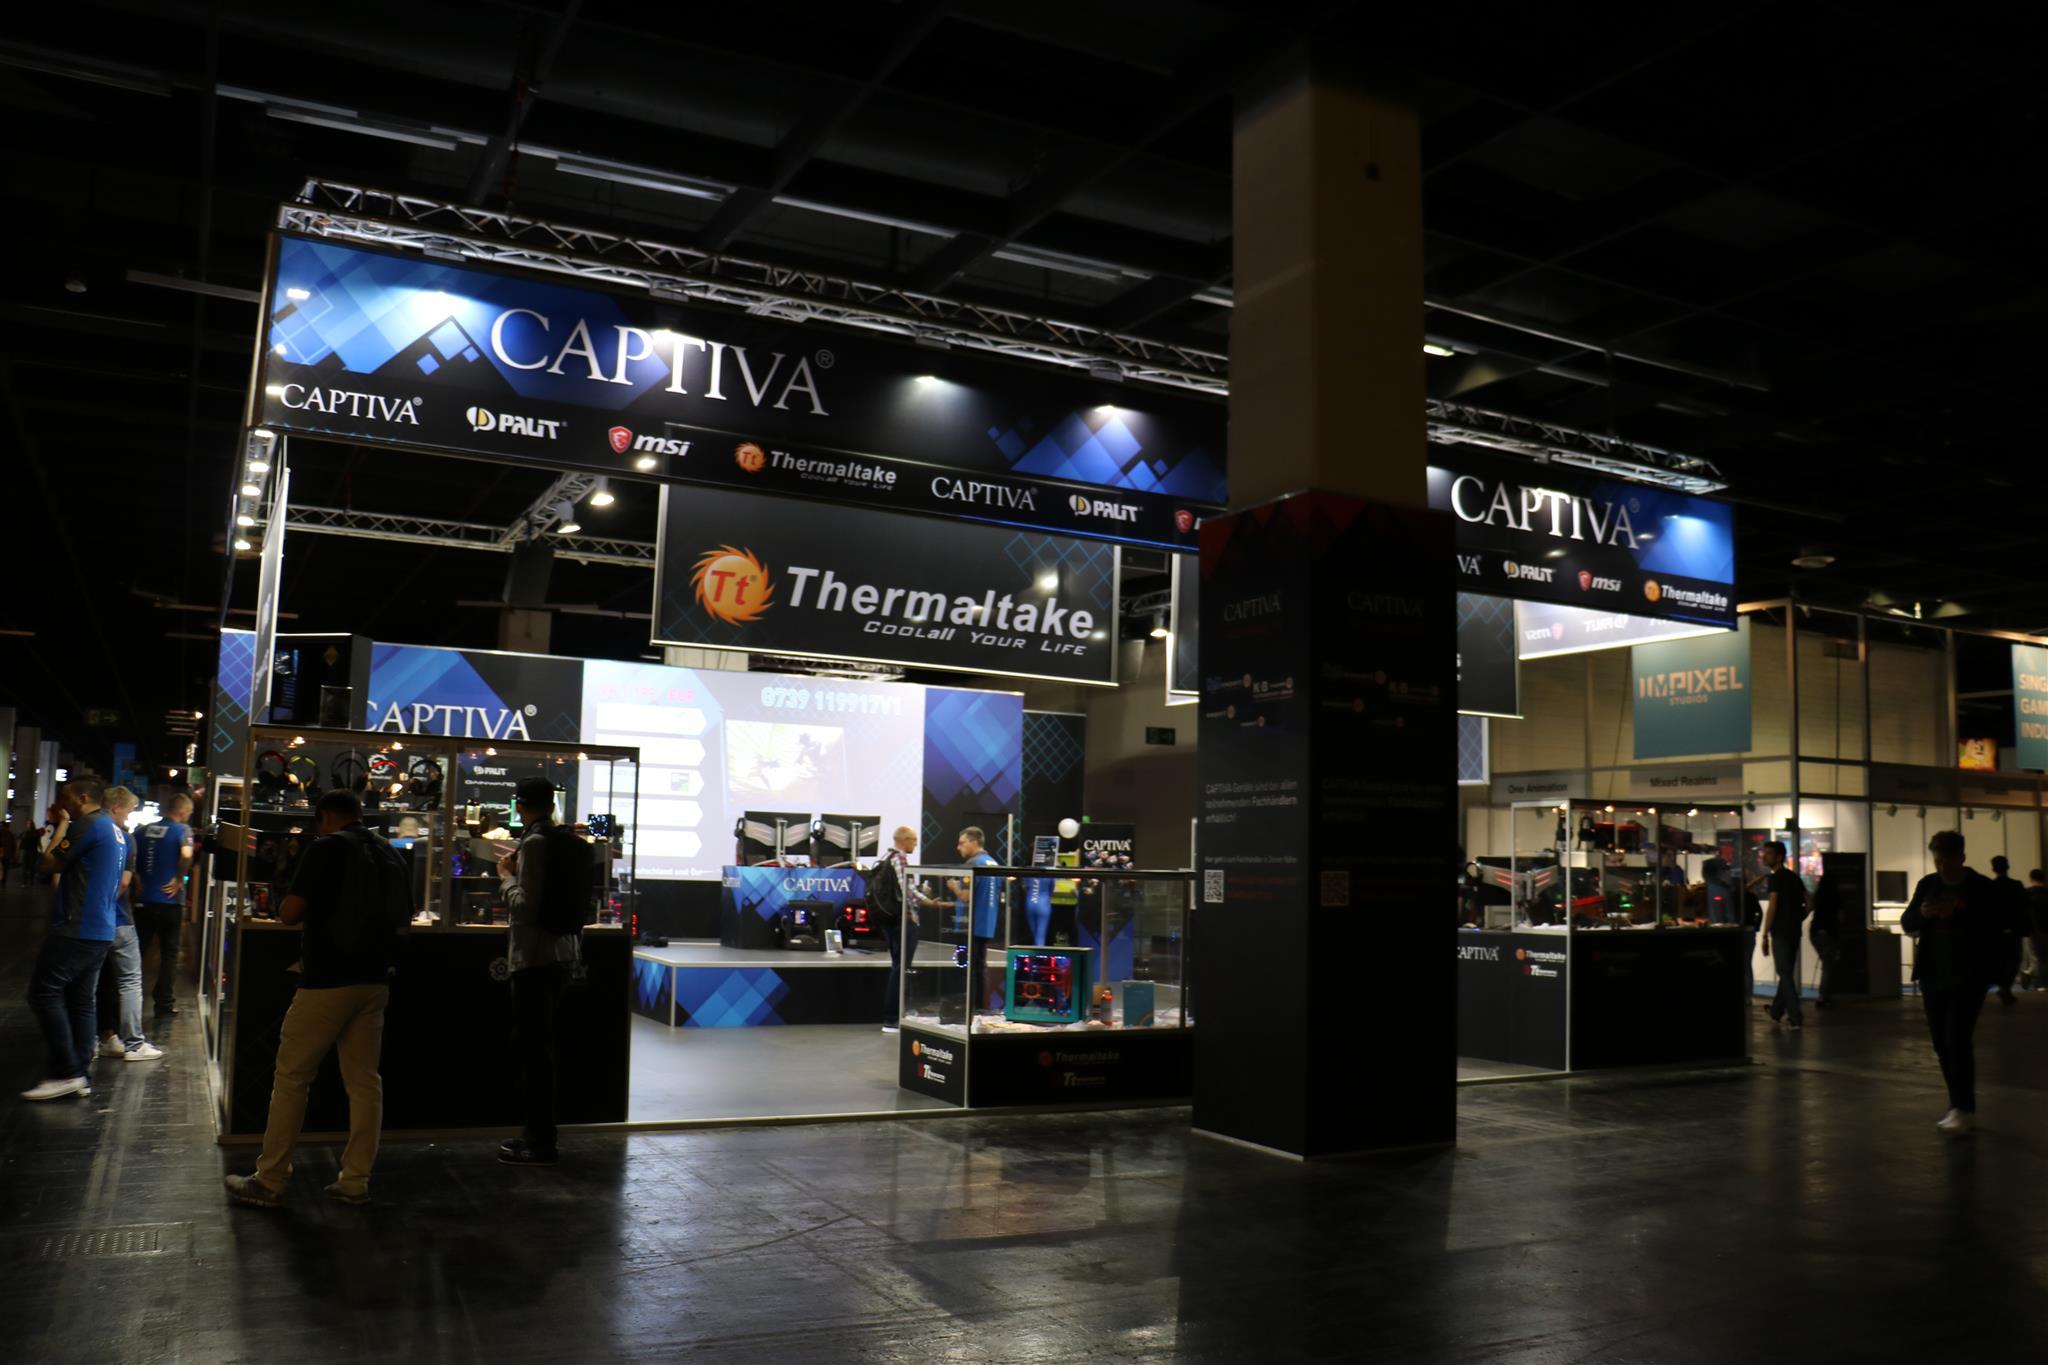 曜越參加Gamescom科隆國際電競大展_攤位照_1